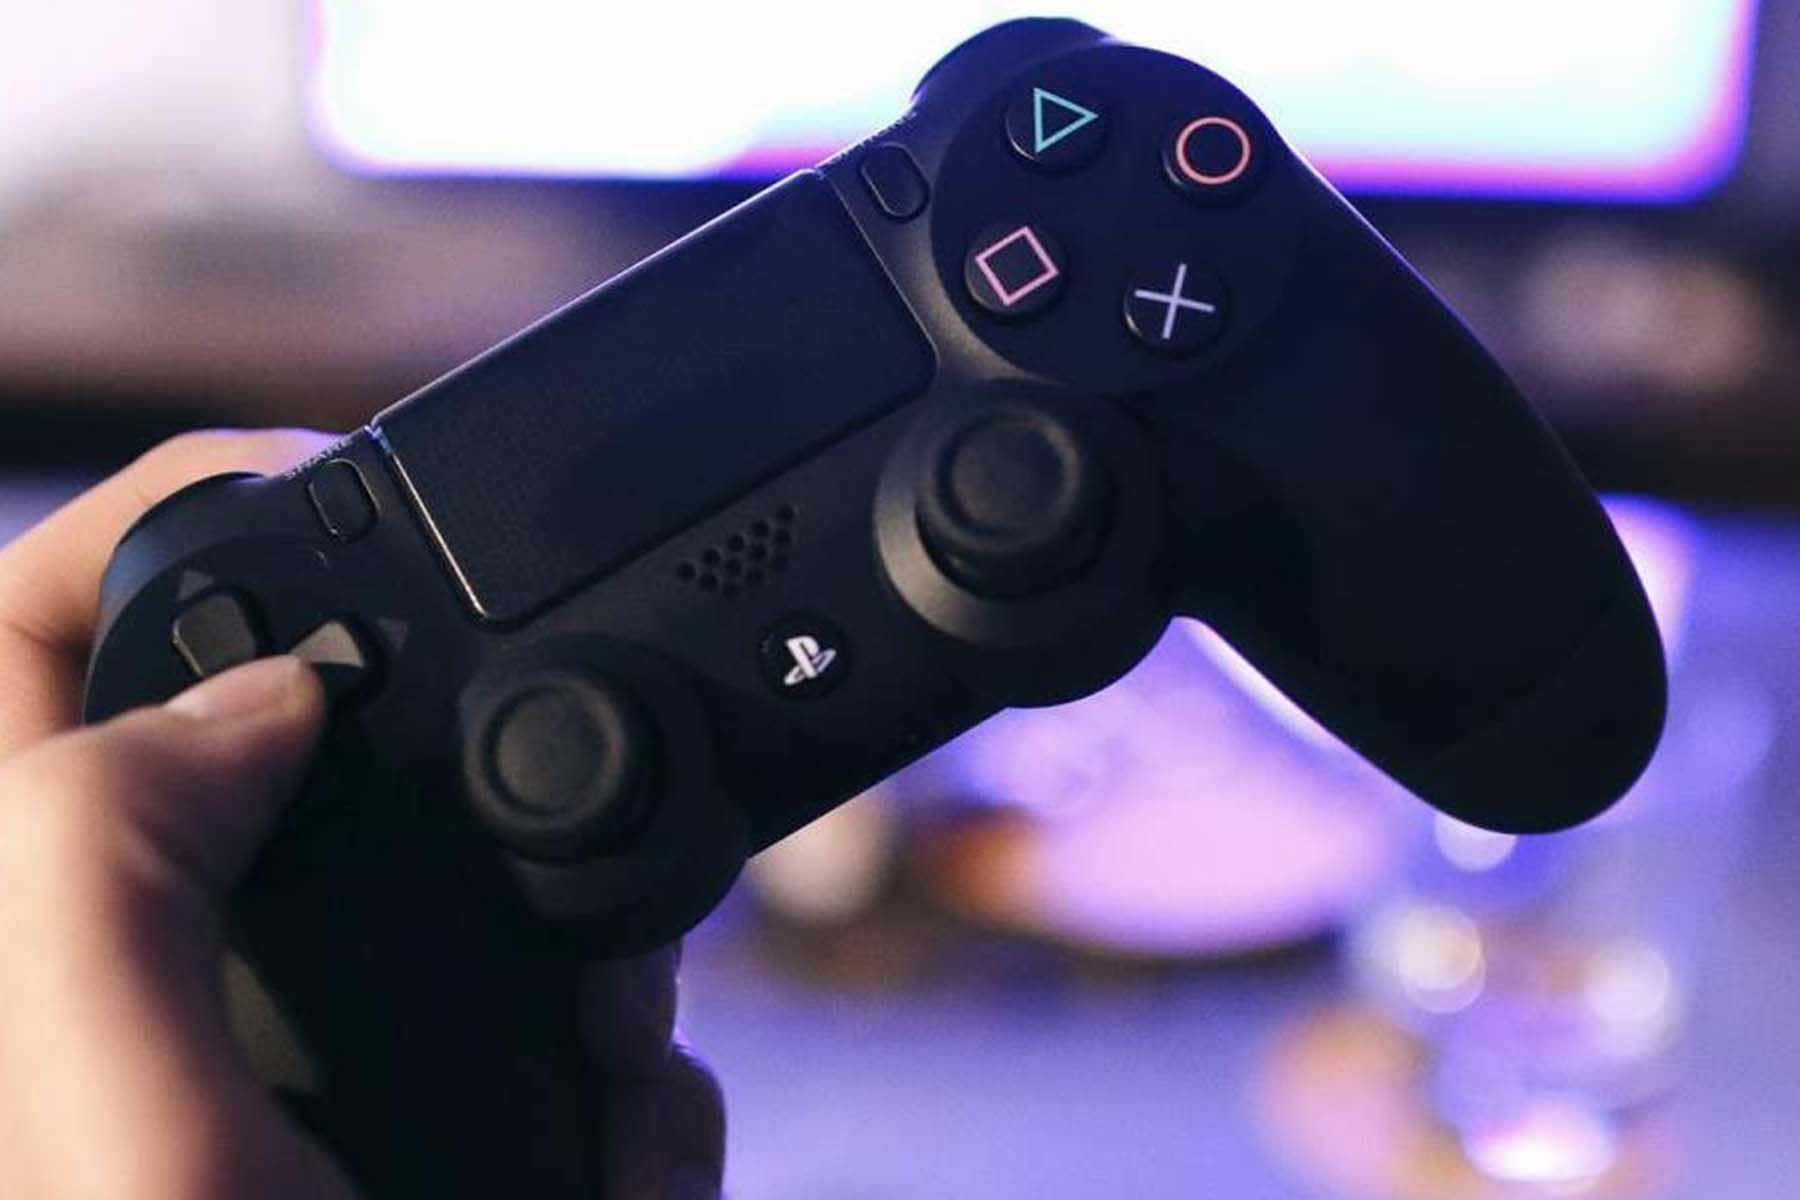 Cada persona solo podrá registrarse para competir en una consola (PS4 o Xbox).